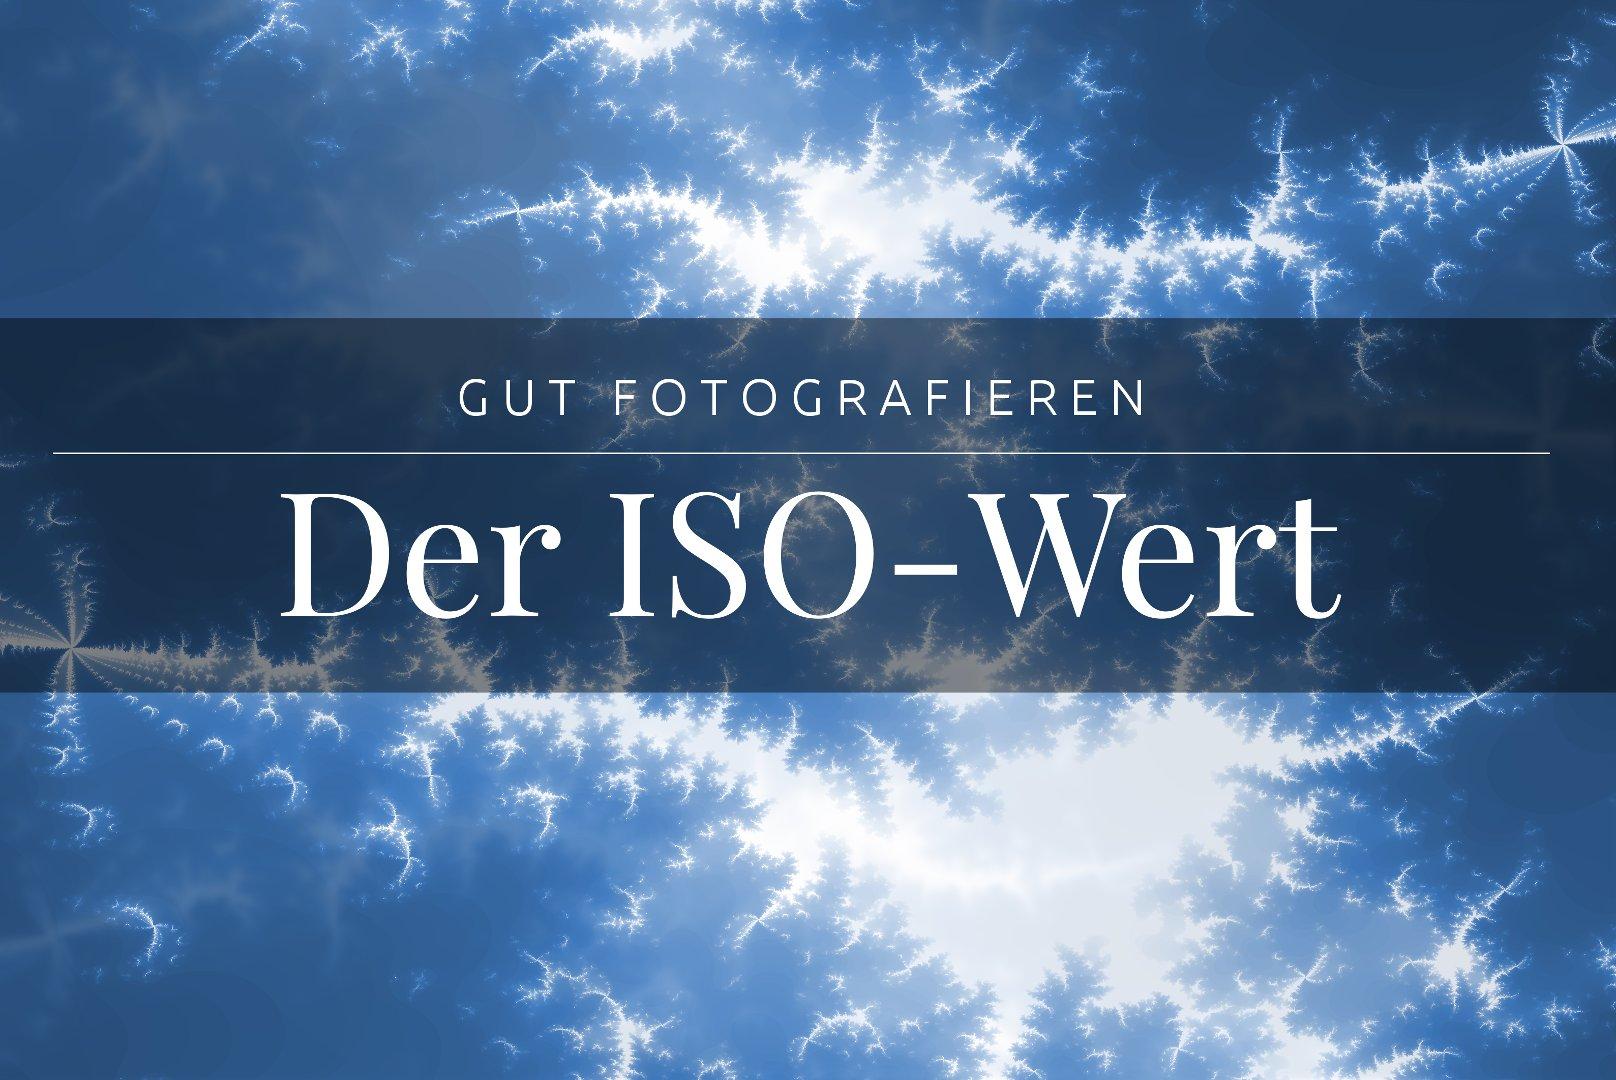 Gut fotografieren mit dem korrekten ISO-Wert